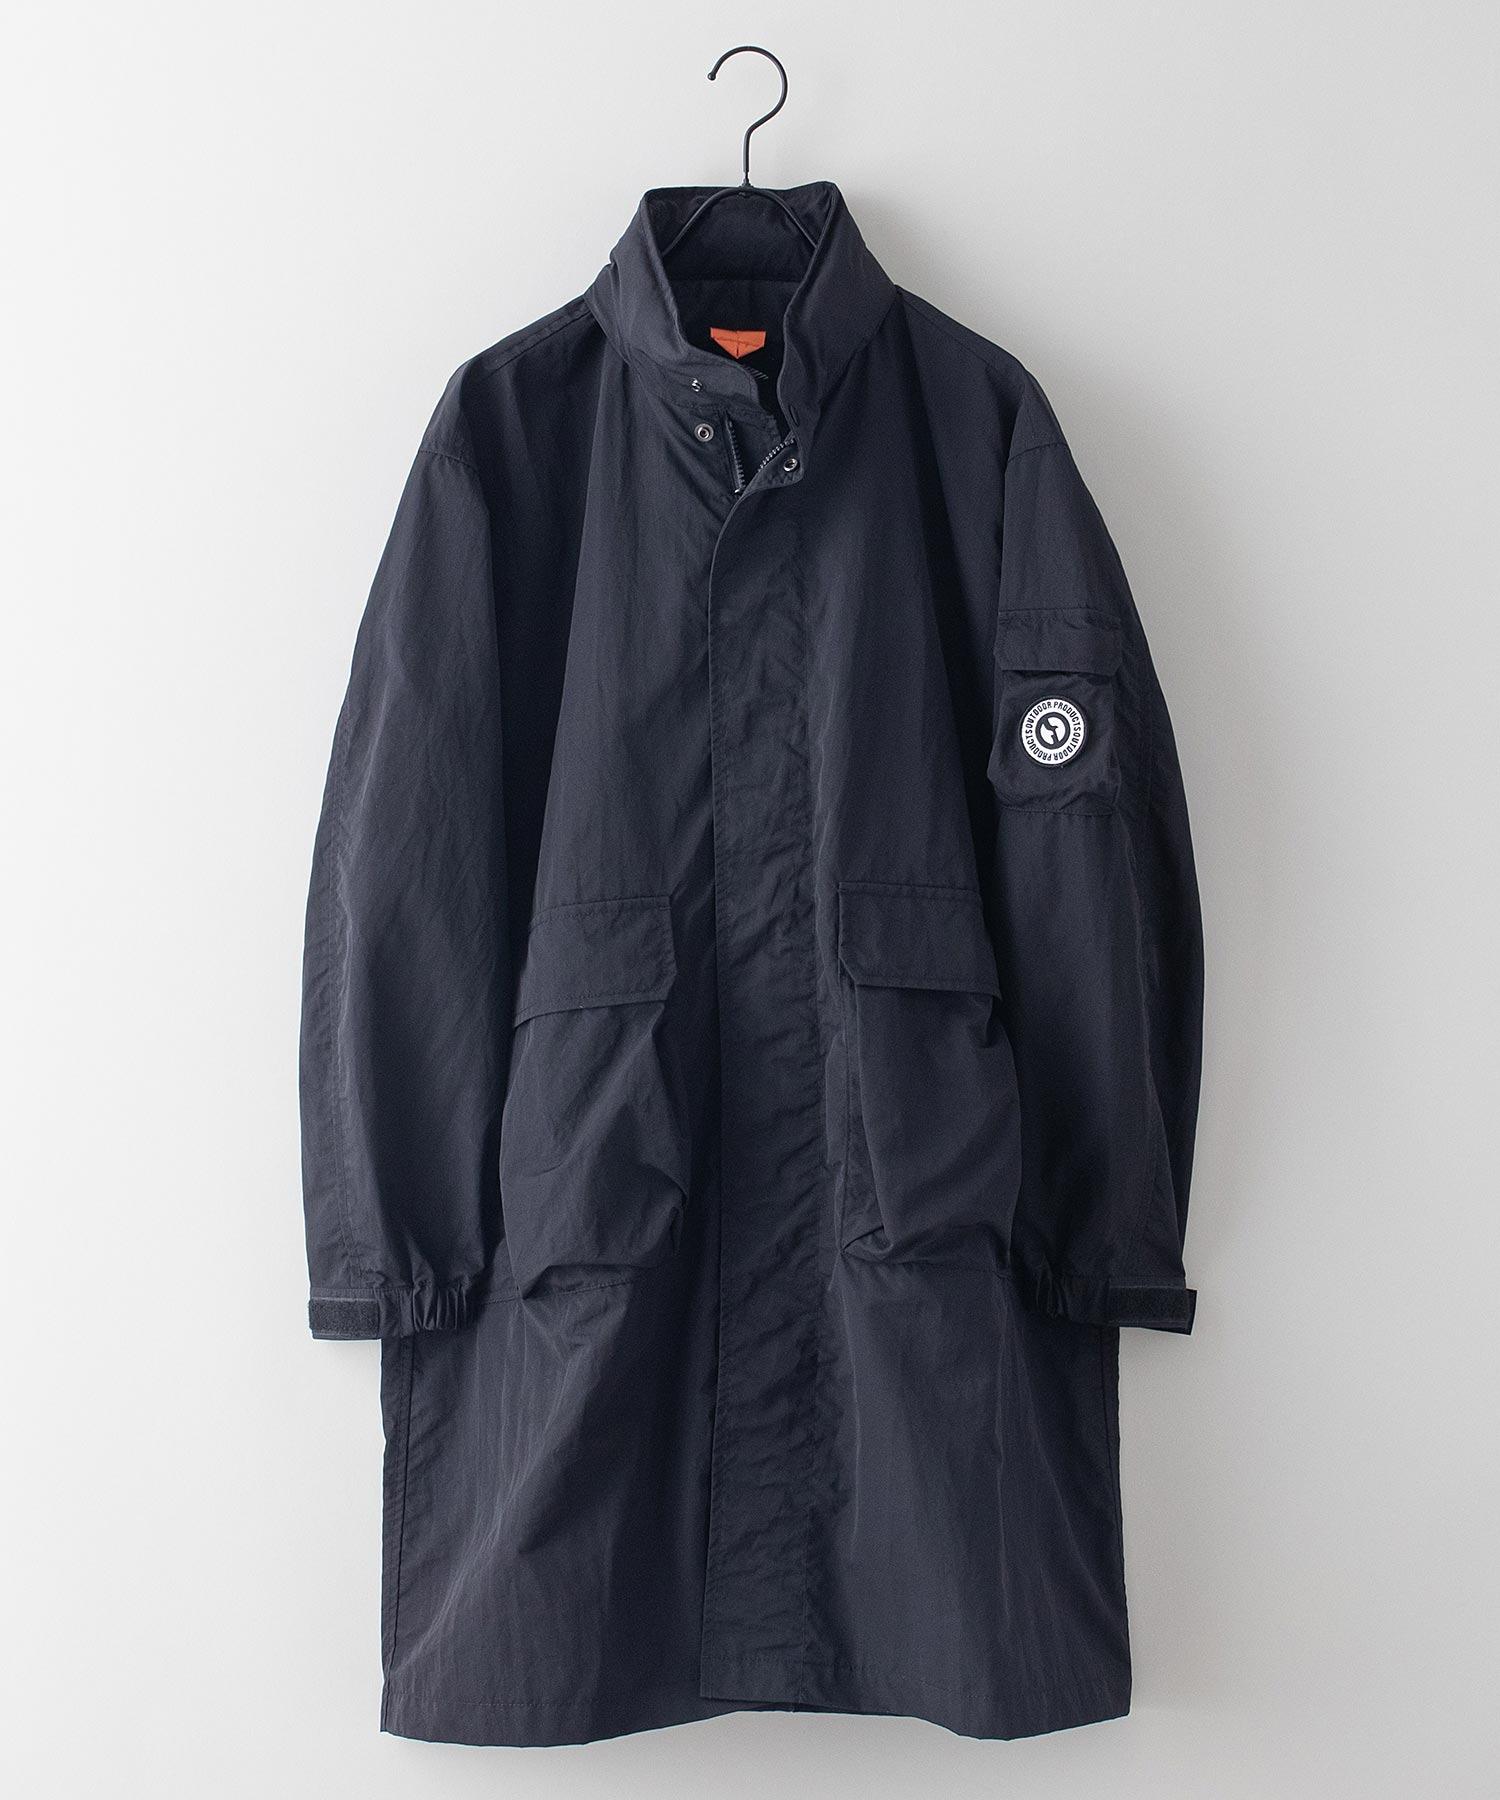 撥水ロングコート 着るBAGシリーズ ポケット10個 収納力抜群 ハーネス仕様 体温調節を容易にできる仕様 収納式フード